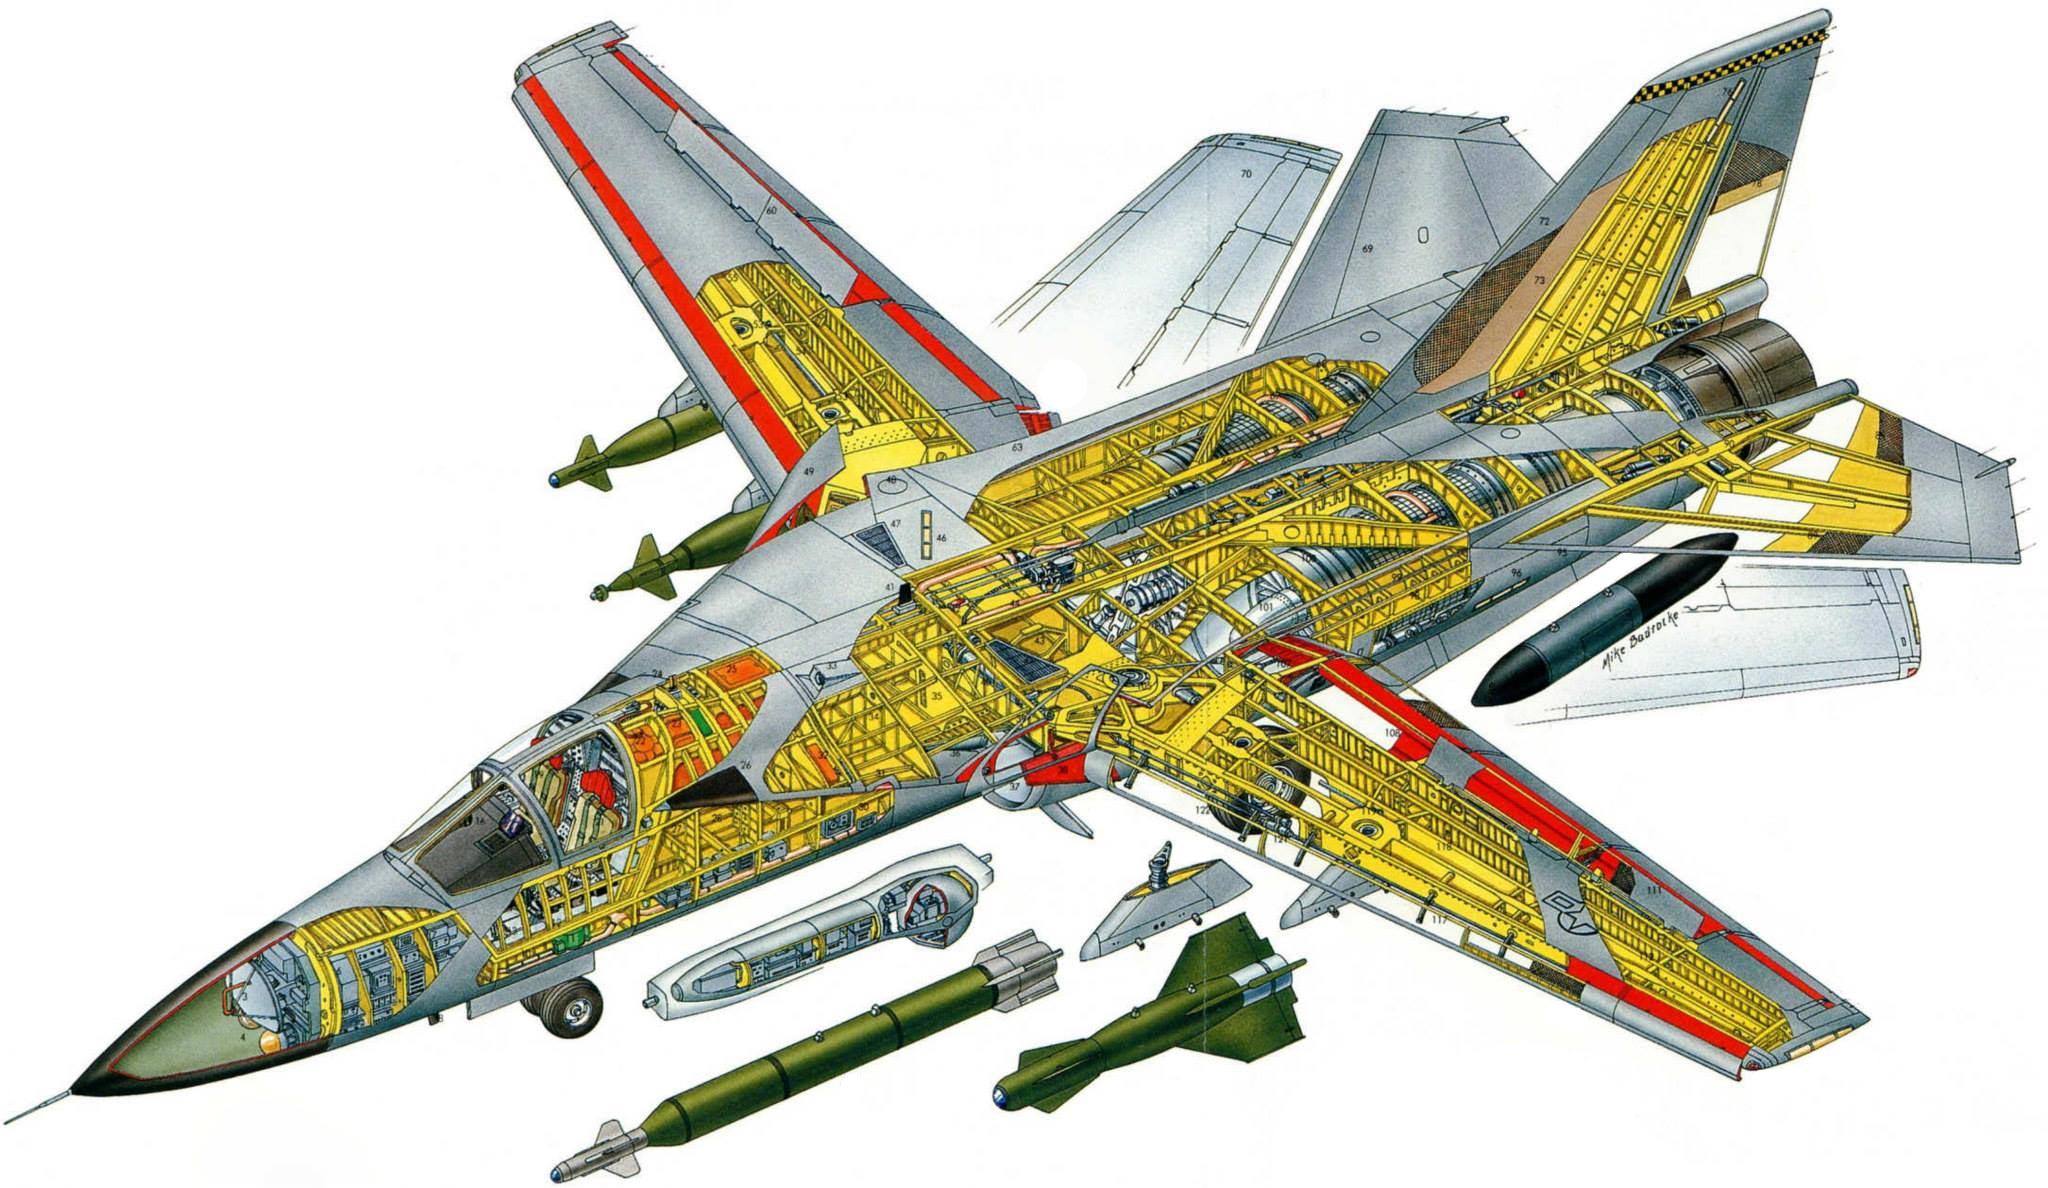 F-111 Aardvark cutaway